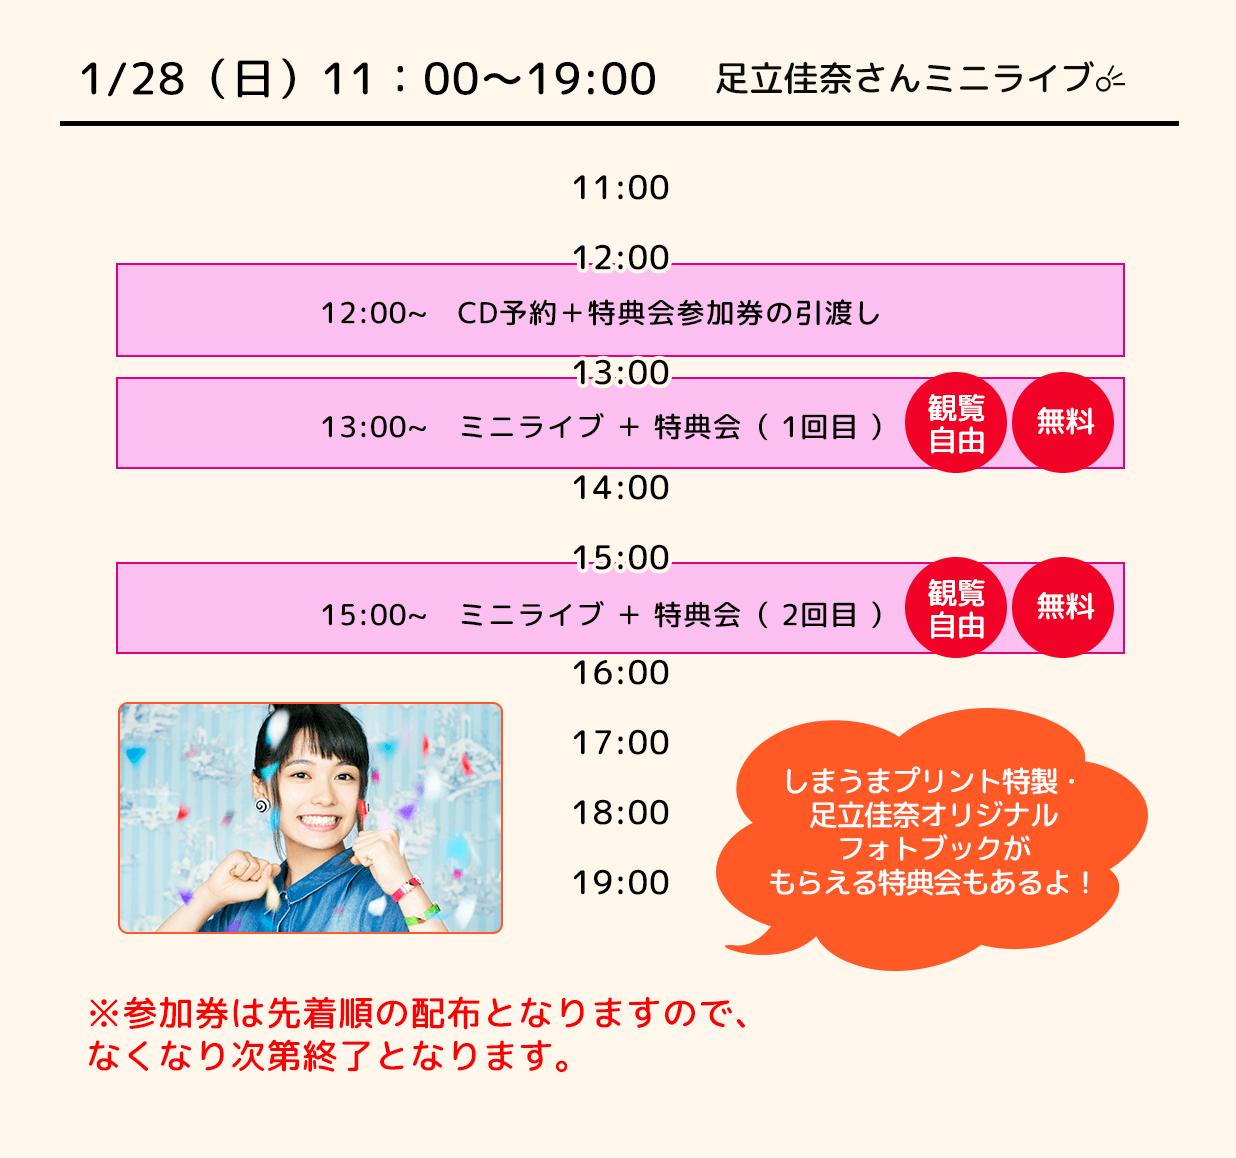 タイムスケジュール:1/28 11:00~19:00 足立佳奈さんミニライブ